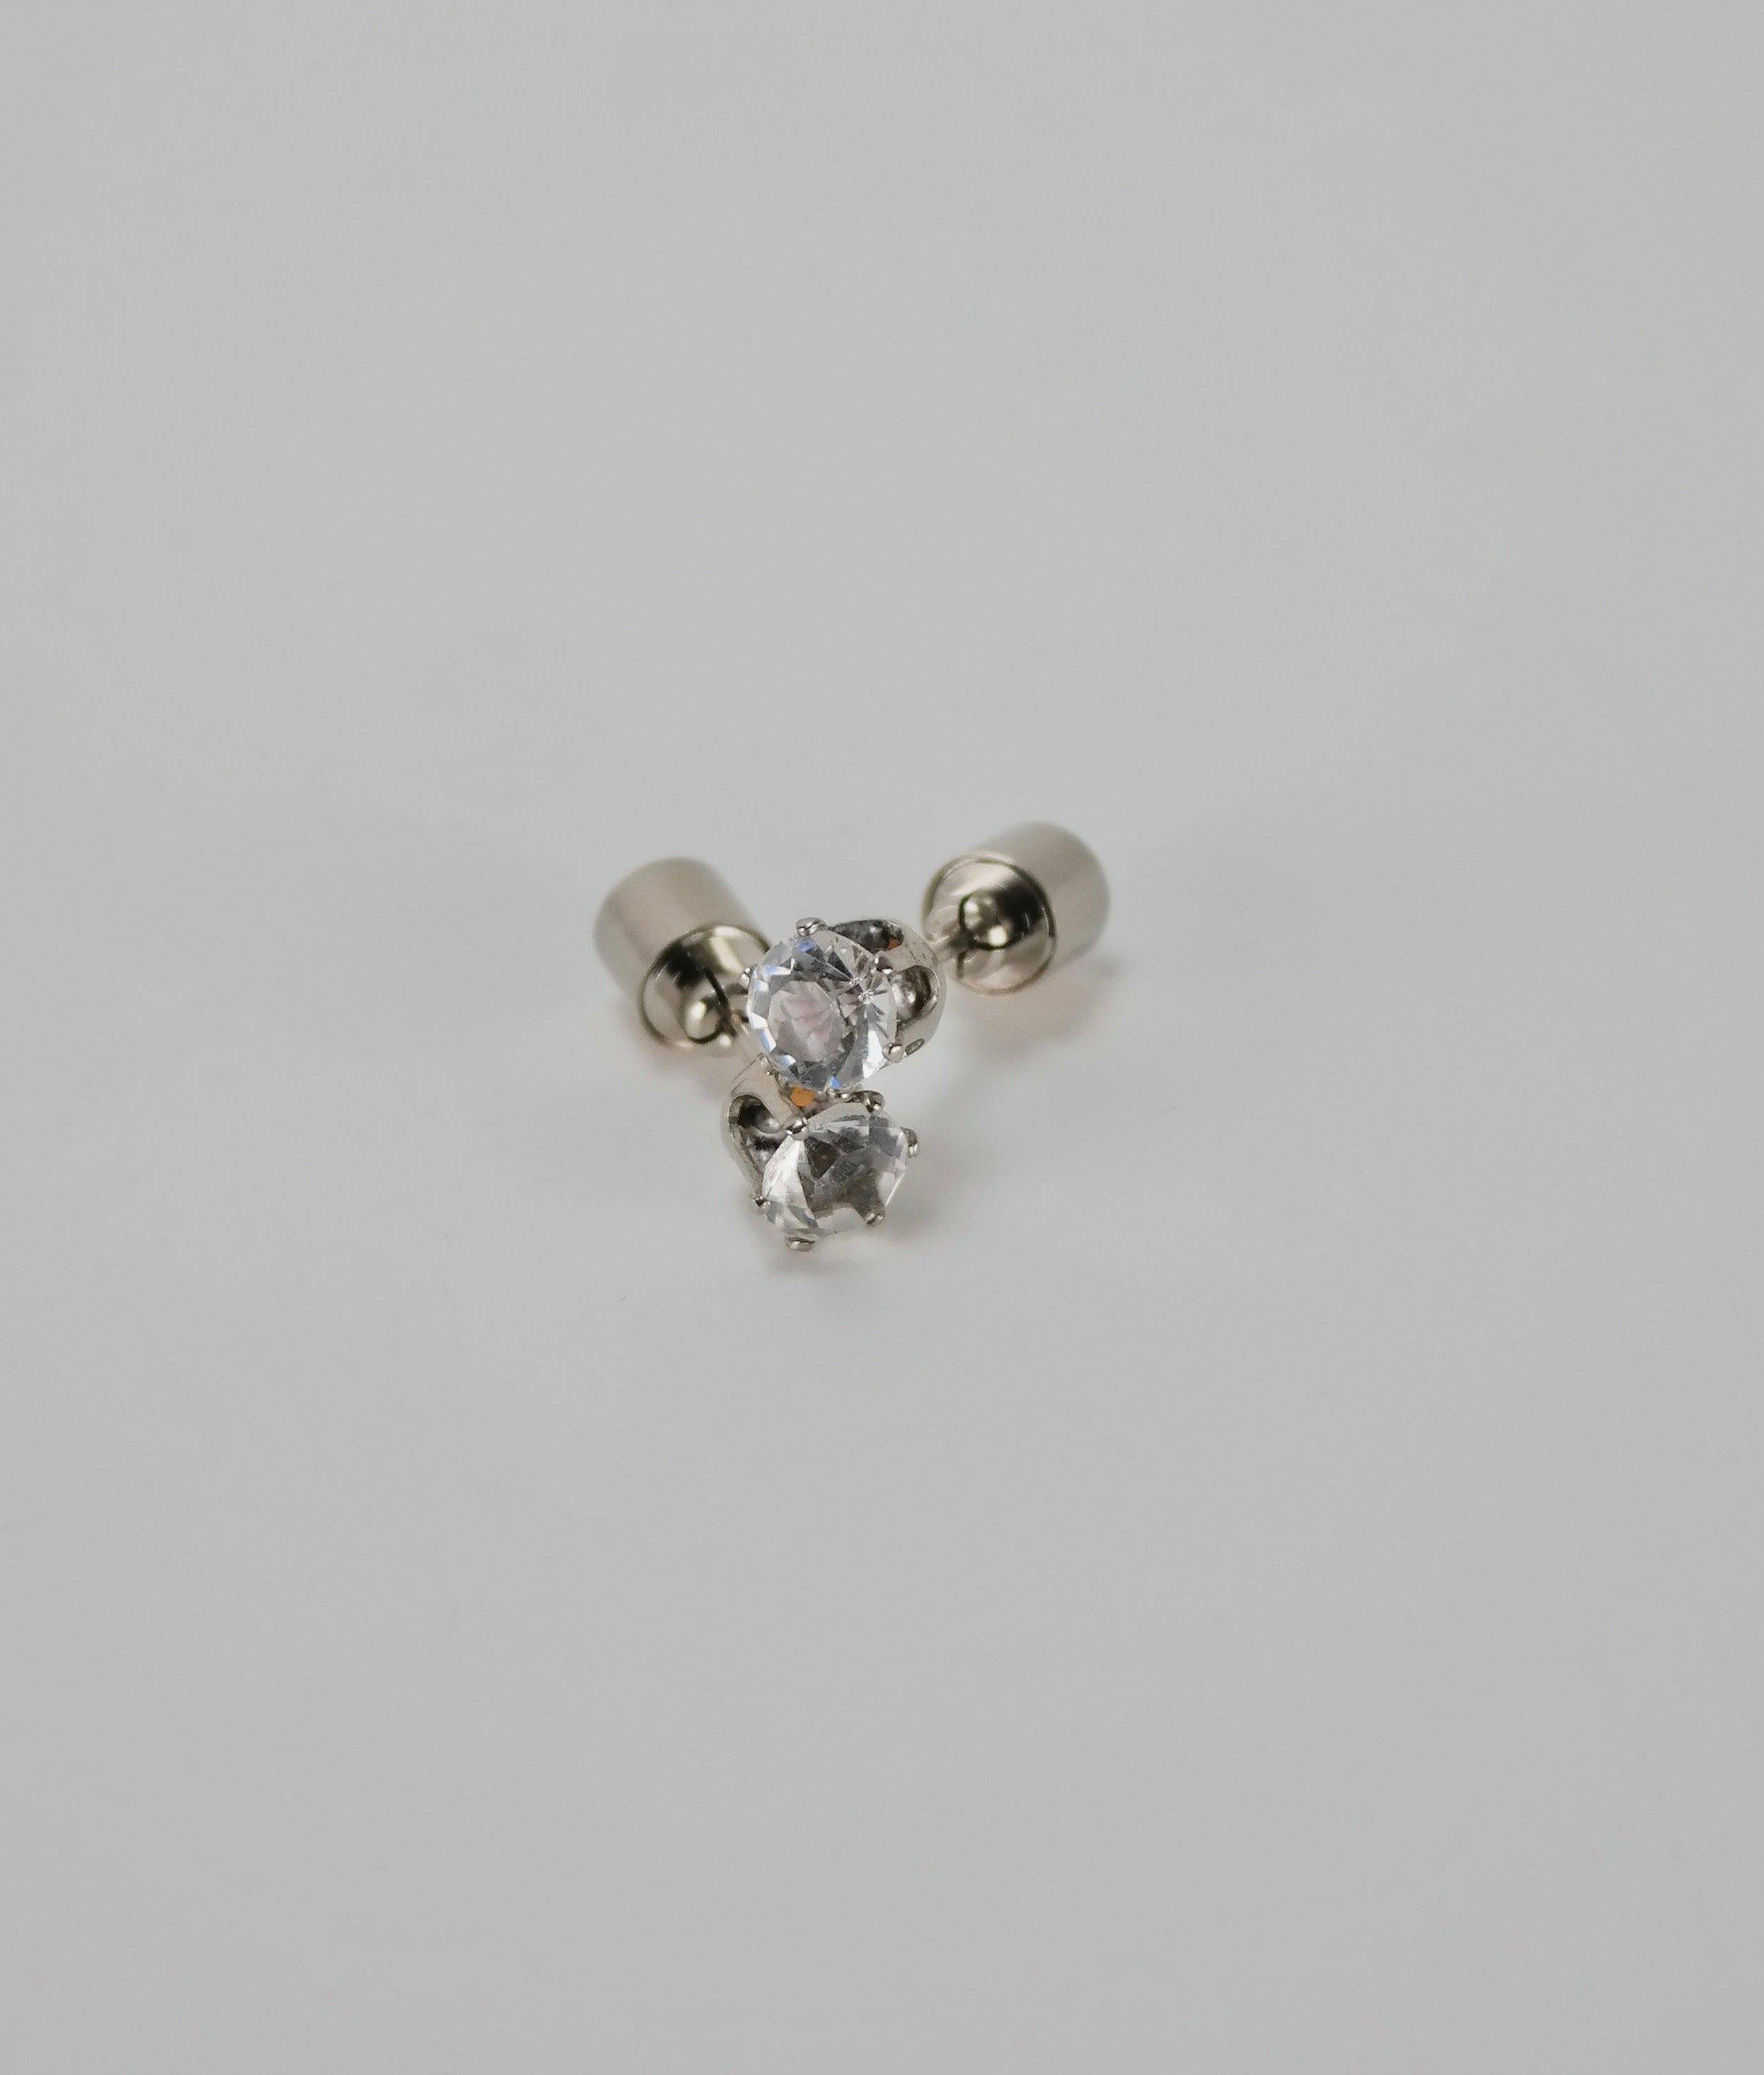 LED Earrings Glowing Crystal Stud earring Stud